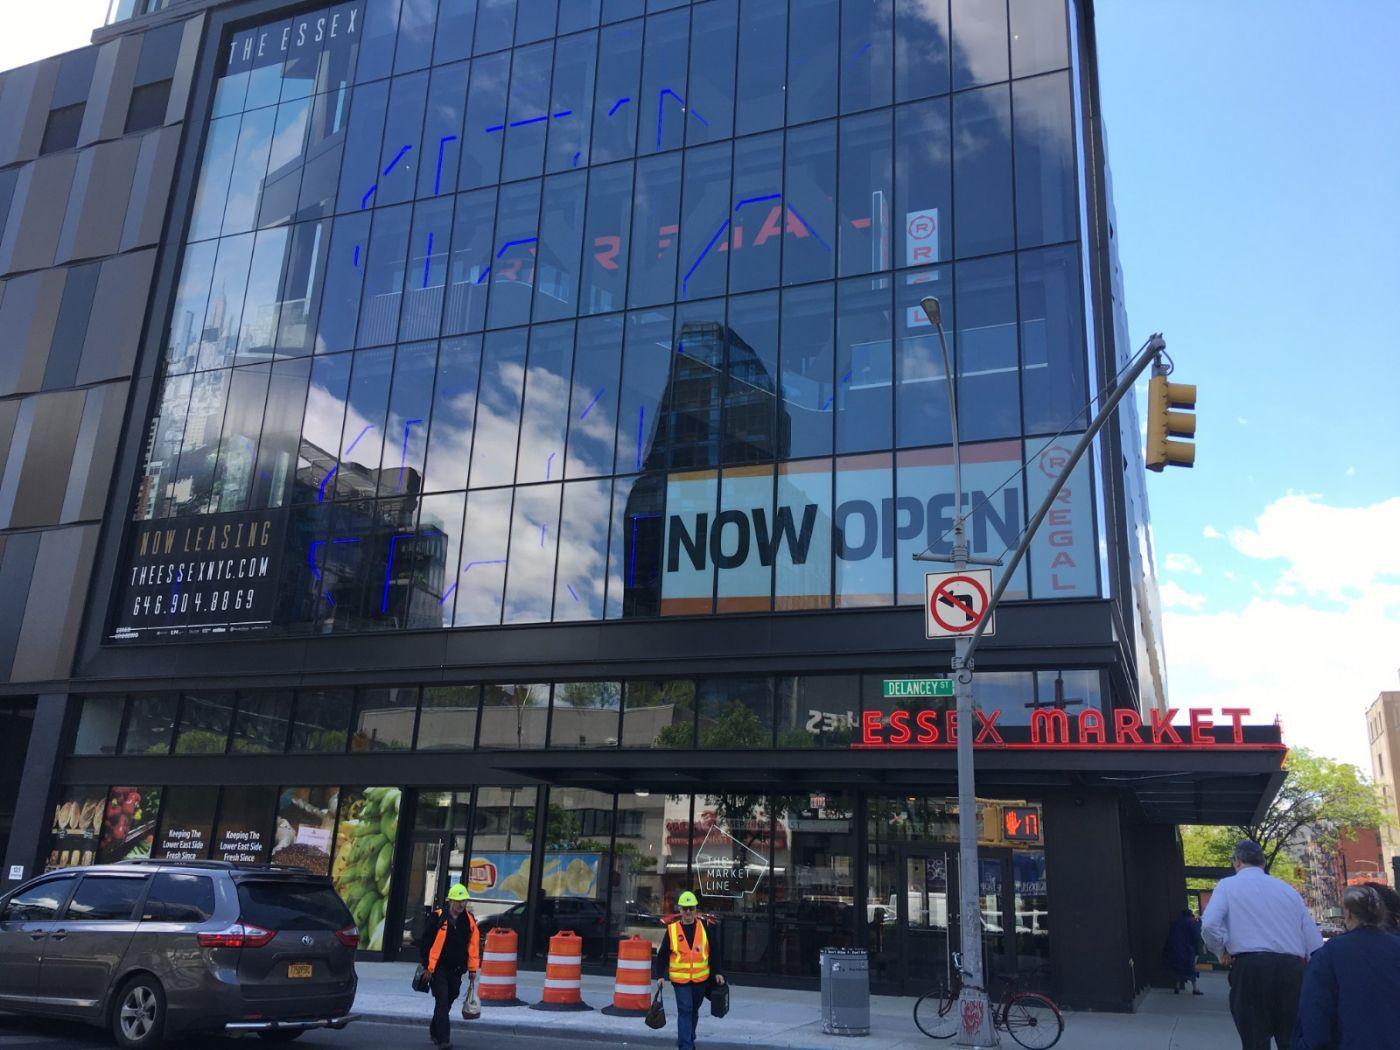 纽约曼哈顿下东城艾塞克斯街市场开张_图1-5